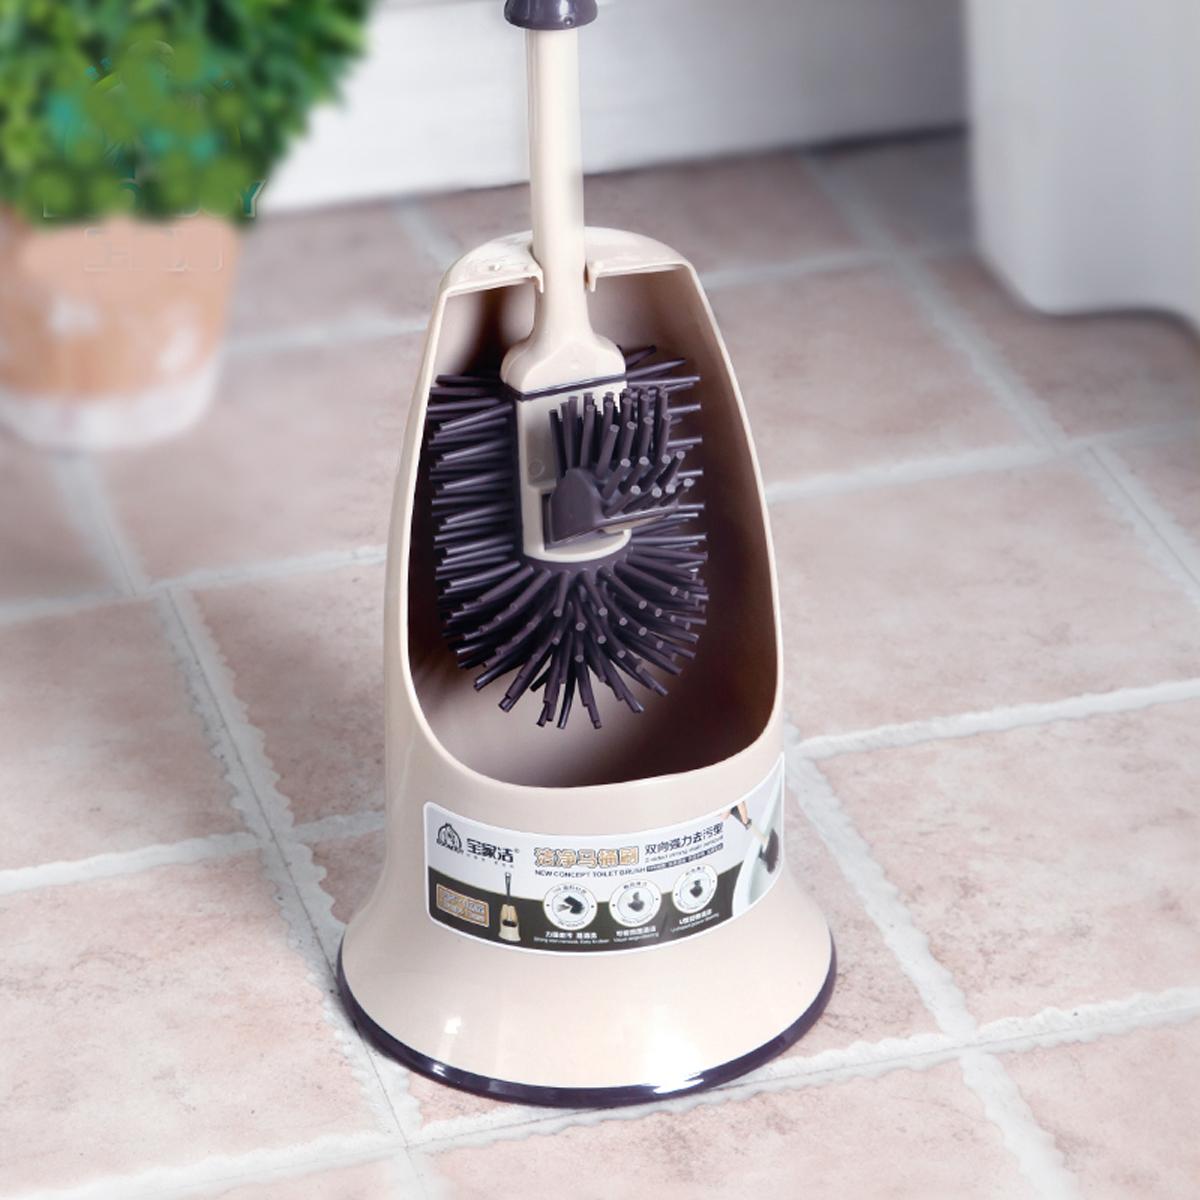 """Комплект для очищения унитаза Boomjoy """"Toilet Brush"""" состоит из ершика и подставки. Ершик с резиновым ворсом и крючком.  Комплект для туалета - это необходимая вещь в каждом доме.   Высота ершика: 40 см."""